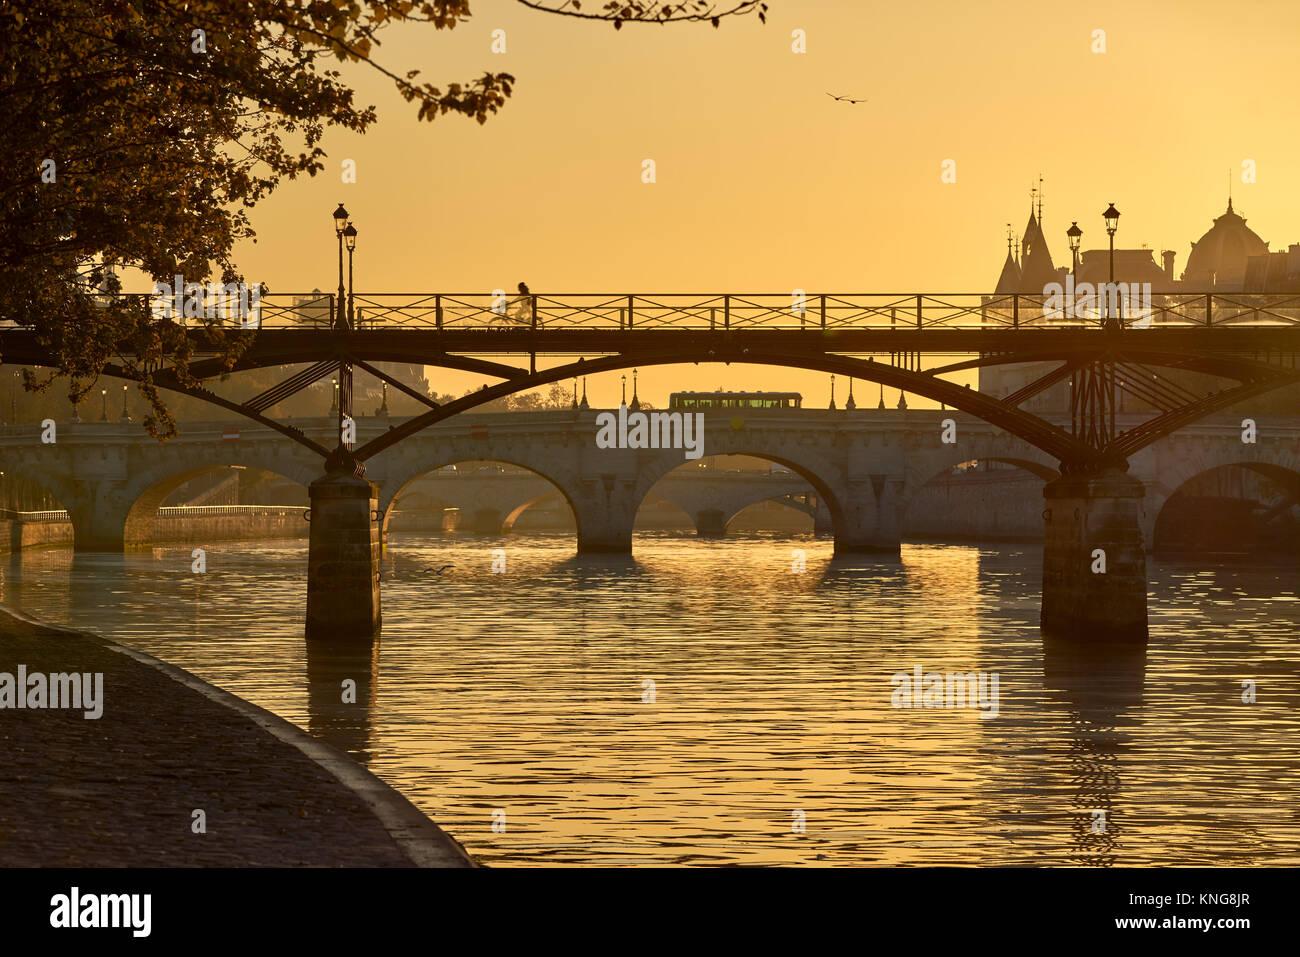 Sunrise over the Pont des Arts, Pont Neuf and the Seine River banks. Ile de la Cite, 1st Arrondissement, Paris, - Stock Image